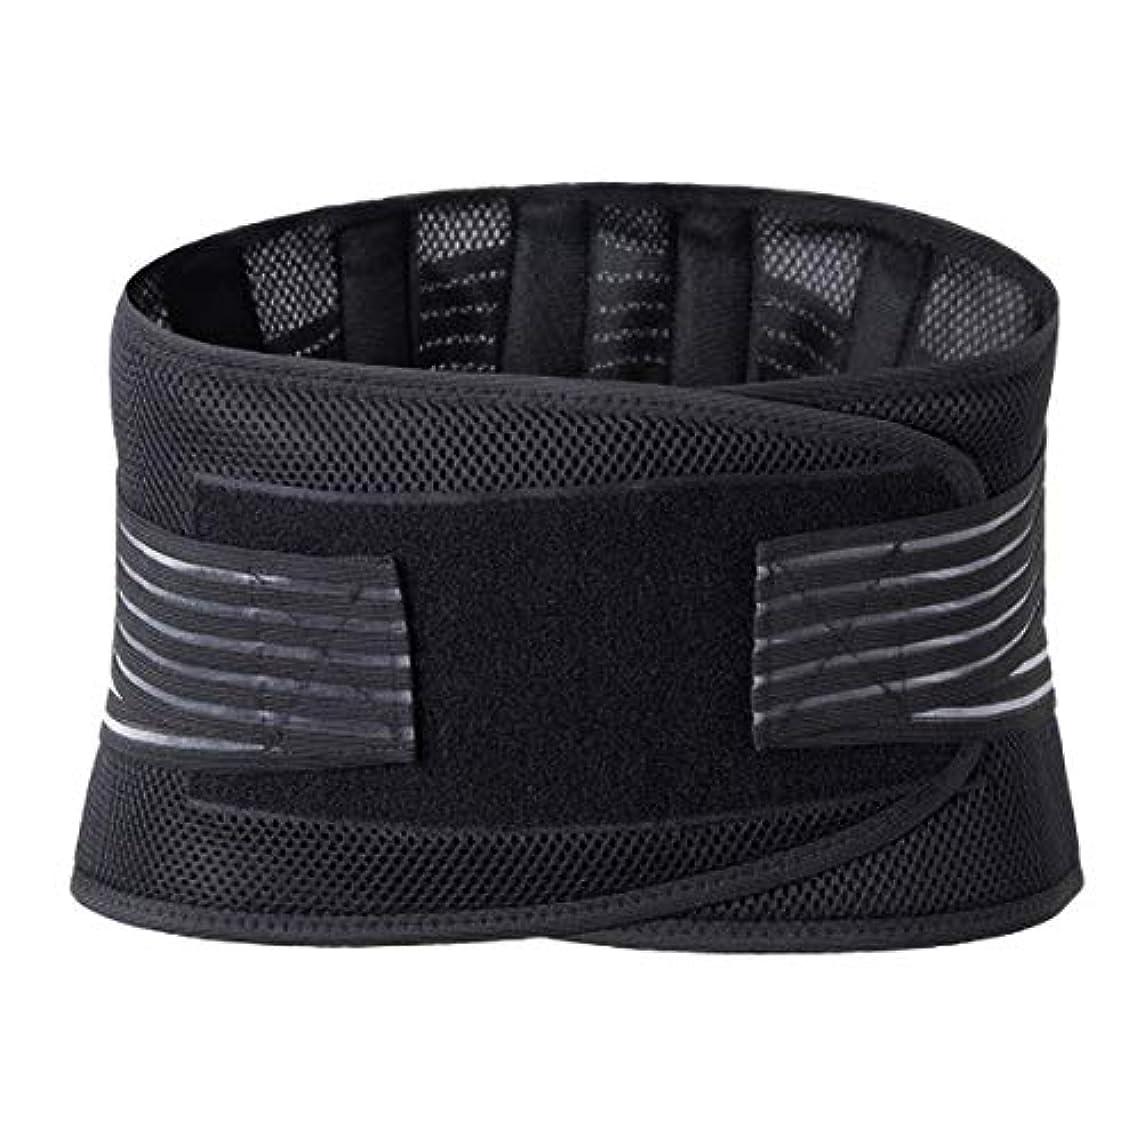 学士シンボル堂々たるランバーウエストサポートバックブレースベルトウエストサポートブレースフィットネススポーツ保護姿勢コレクター再構築 - ブラック